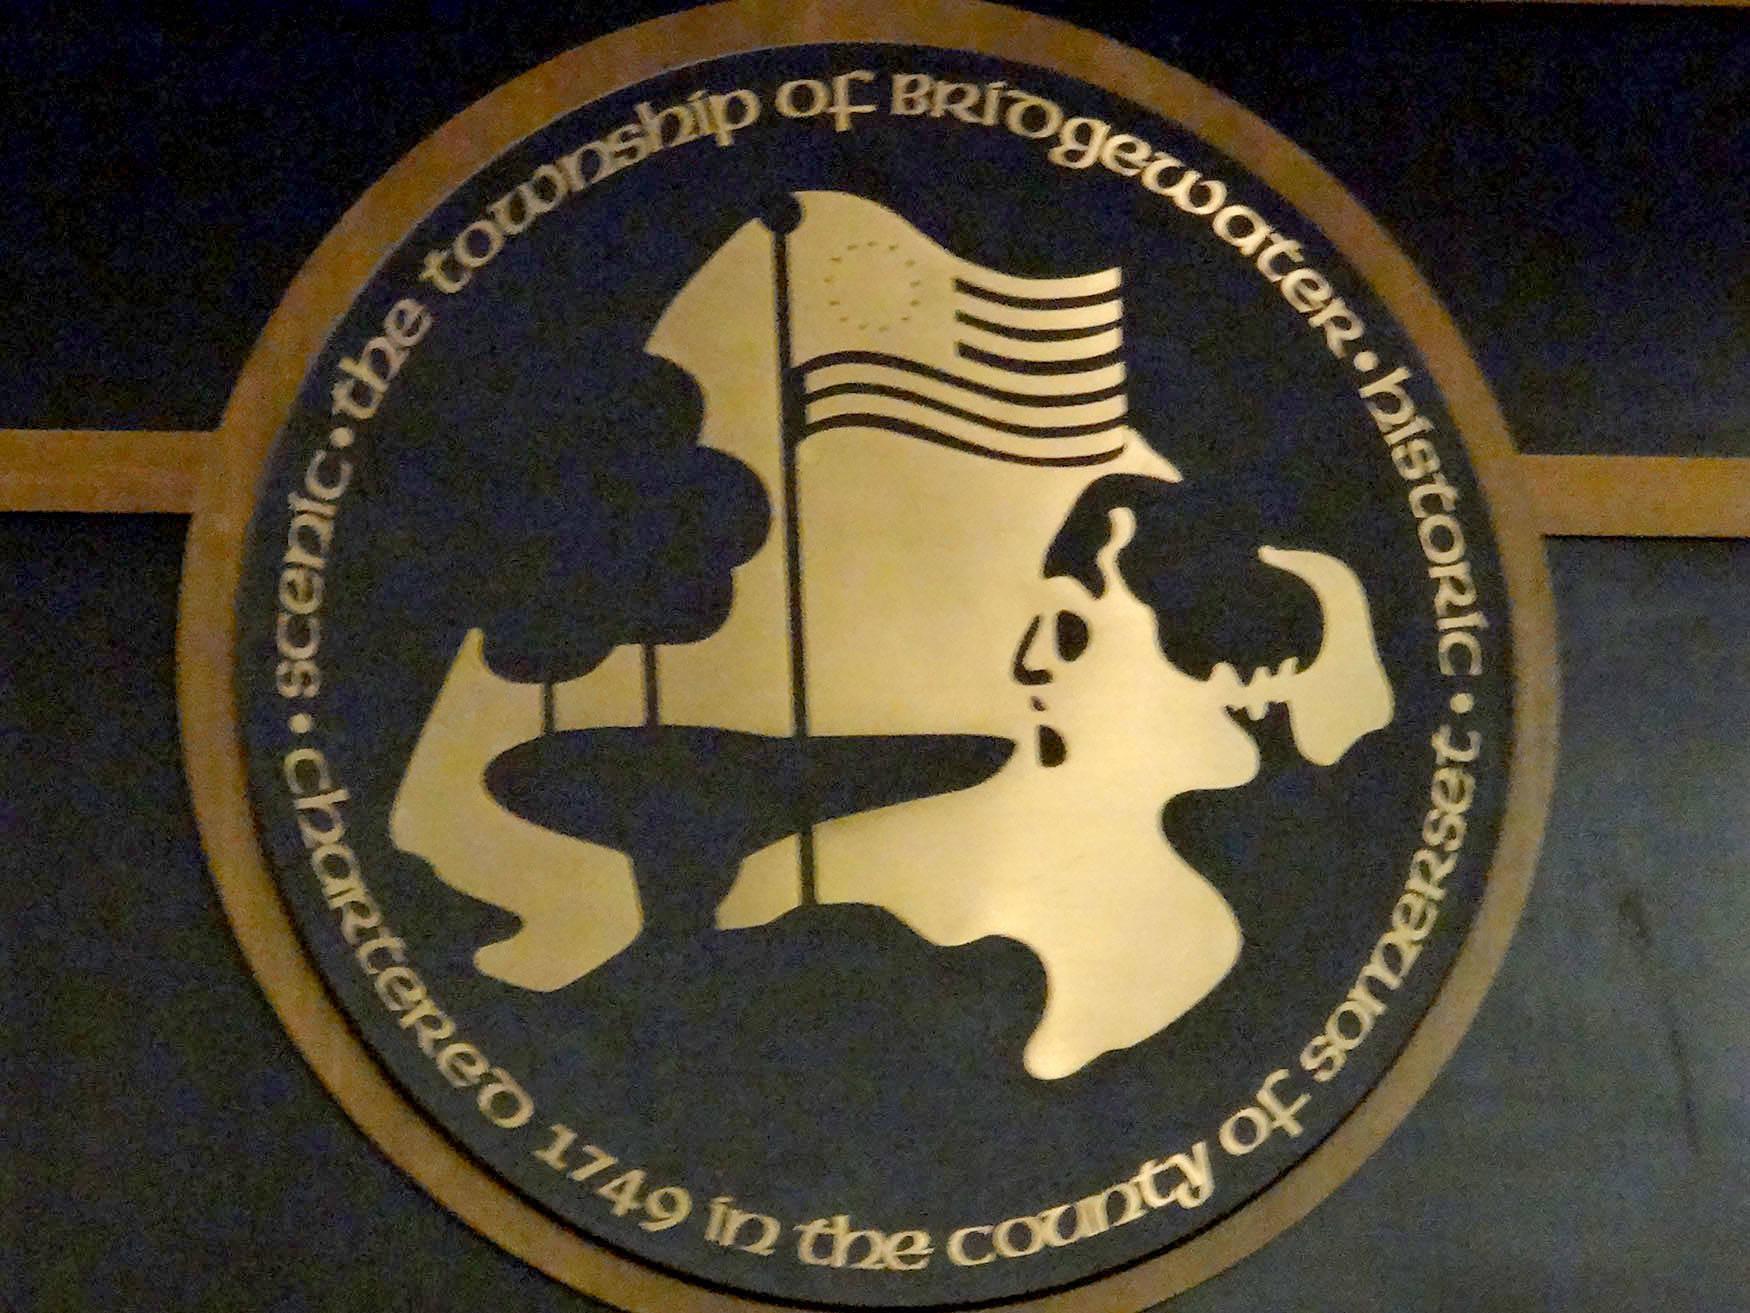 2b7153fda89480ac4a74_Bridgewater_symbol.jpg